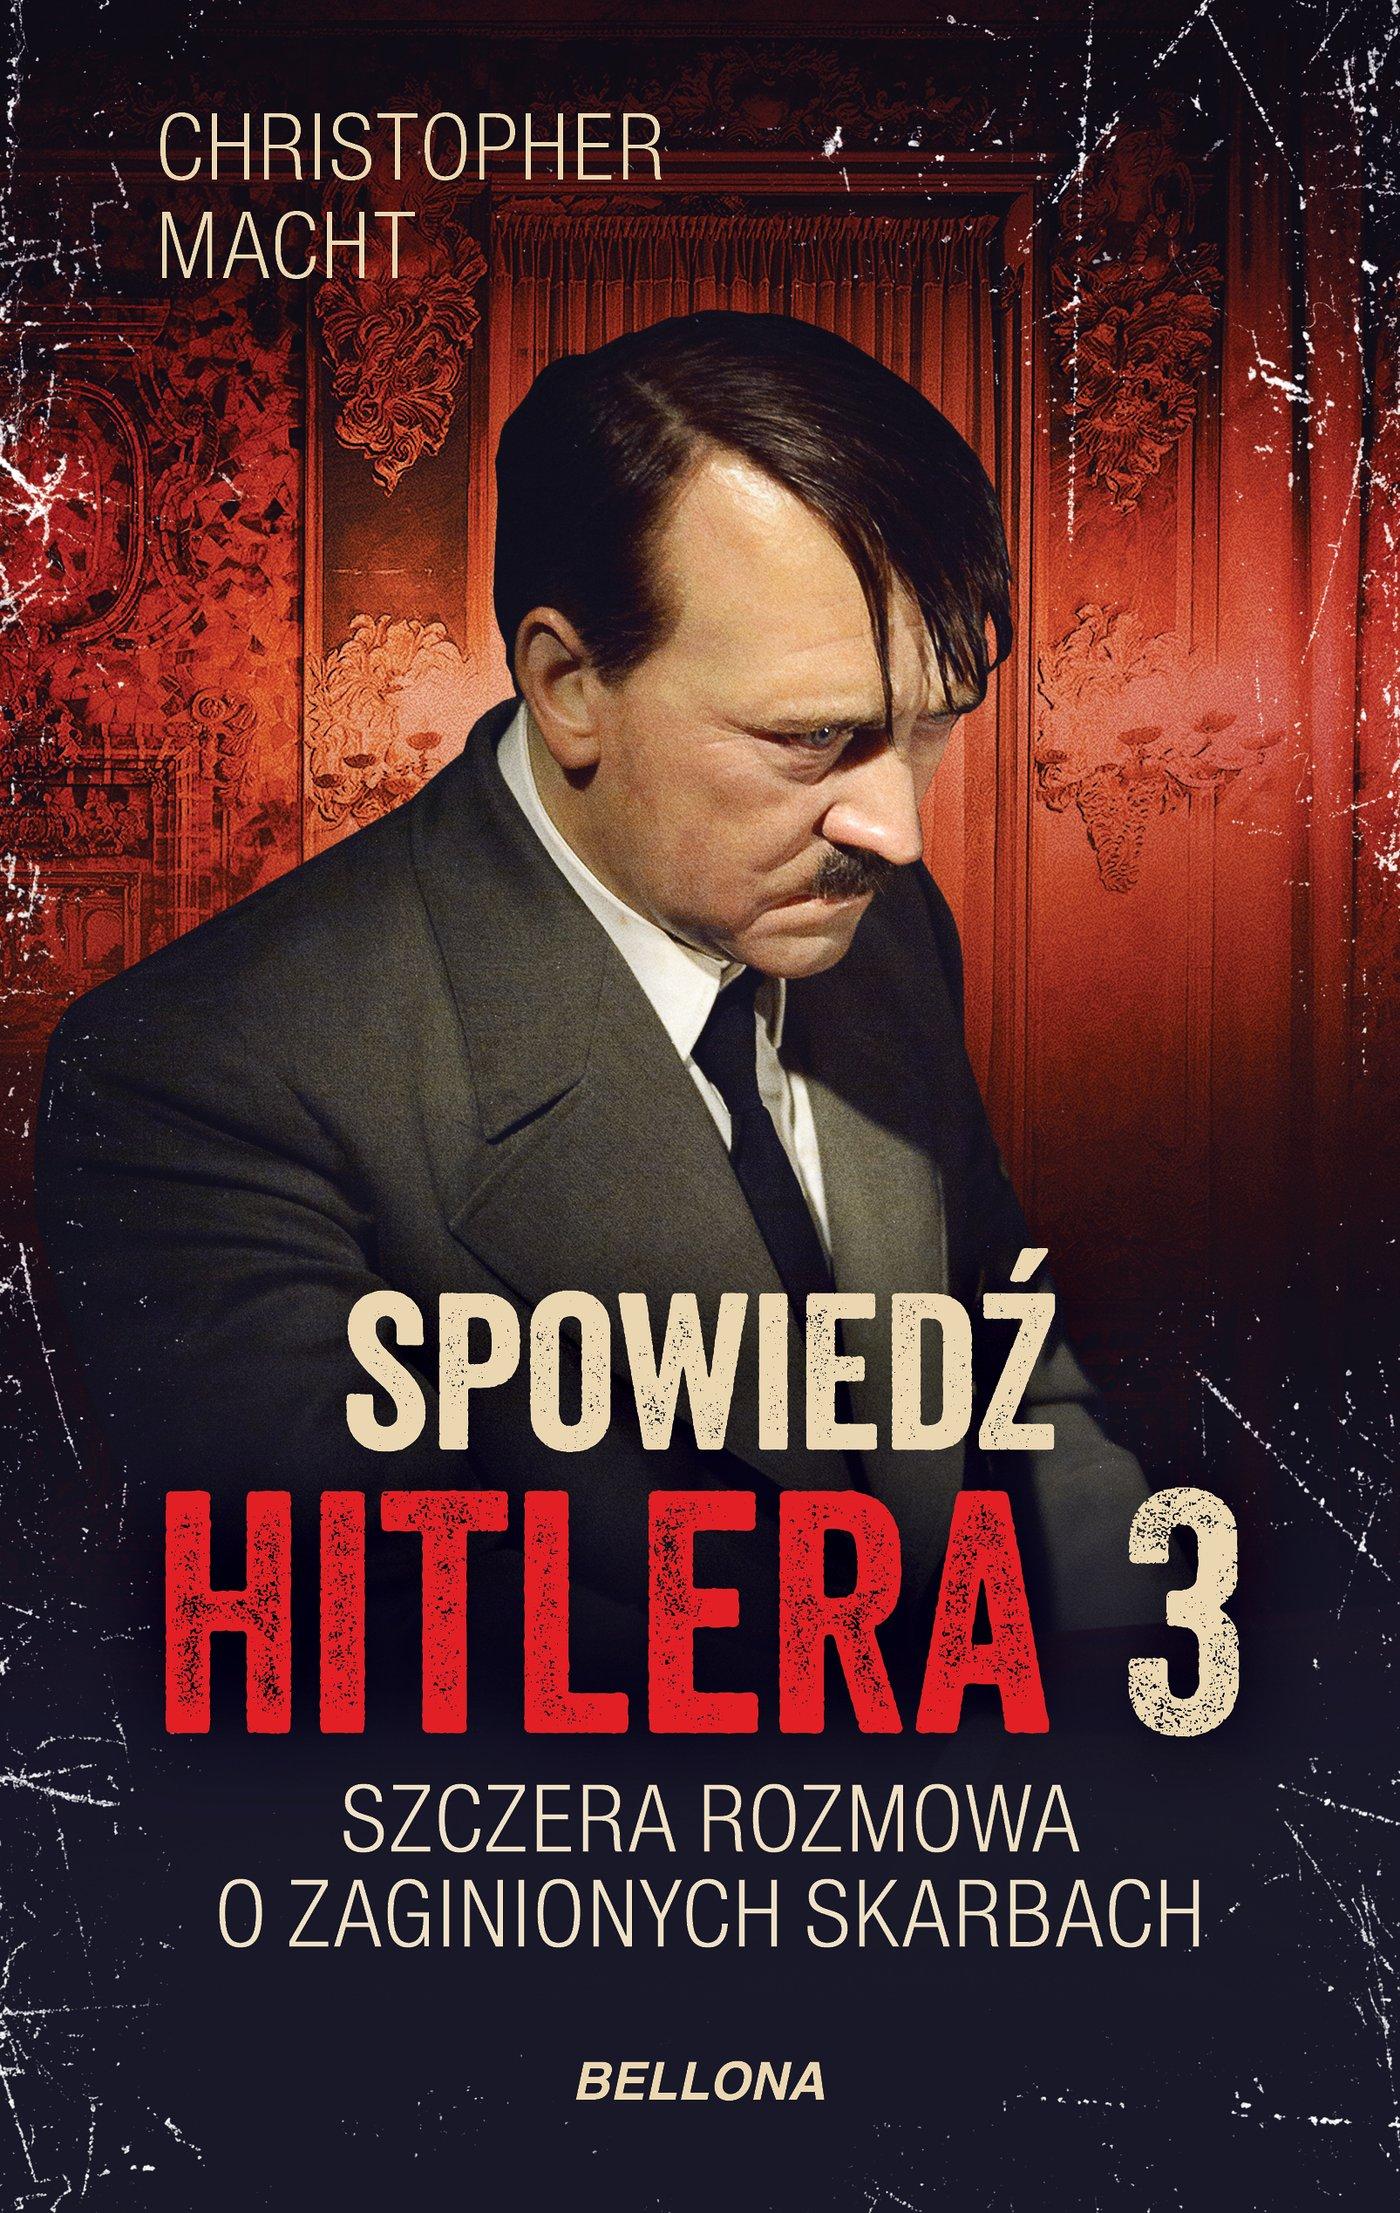 Spowiedź Hitlera 3. Szczera rozmowa o zaginionych skarbach - Ebook (Książka EPUB) do pobrania w formacie EPUB